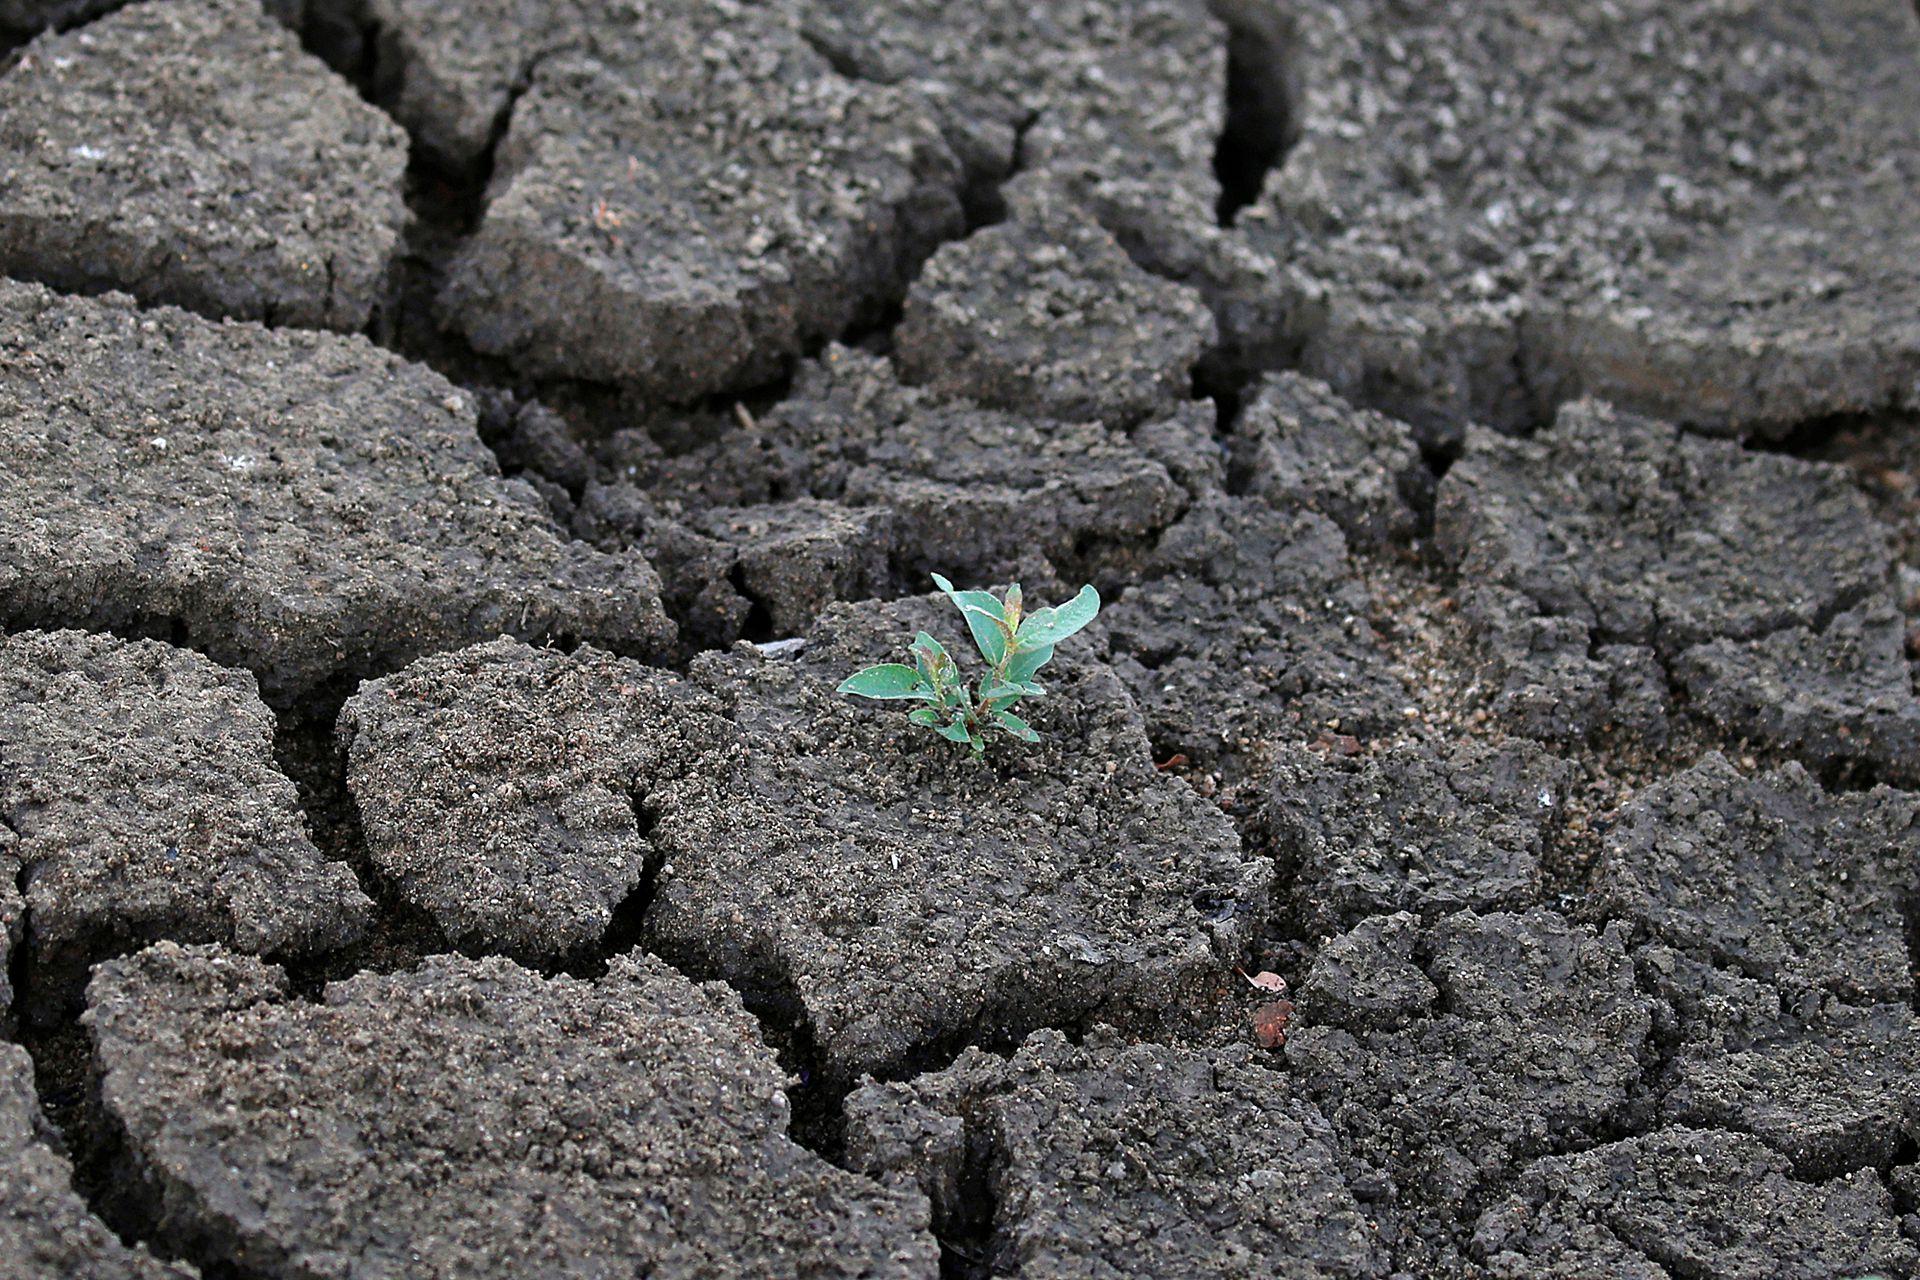 Sequía del estanque de las Landas en Lussat, Francia por la ola de calor que azota Europa